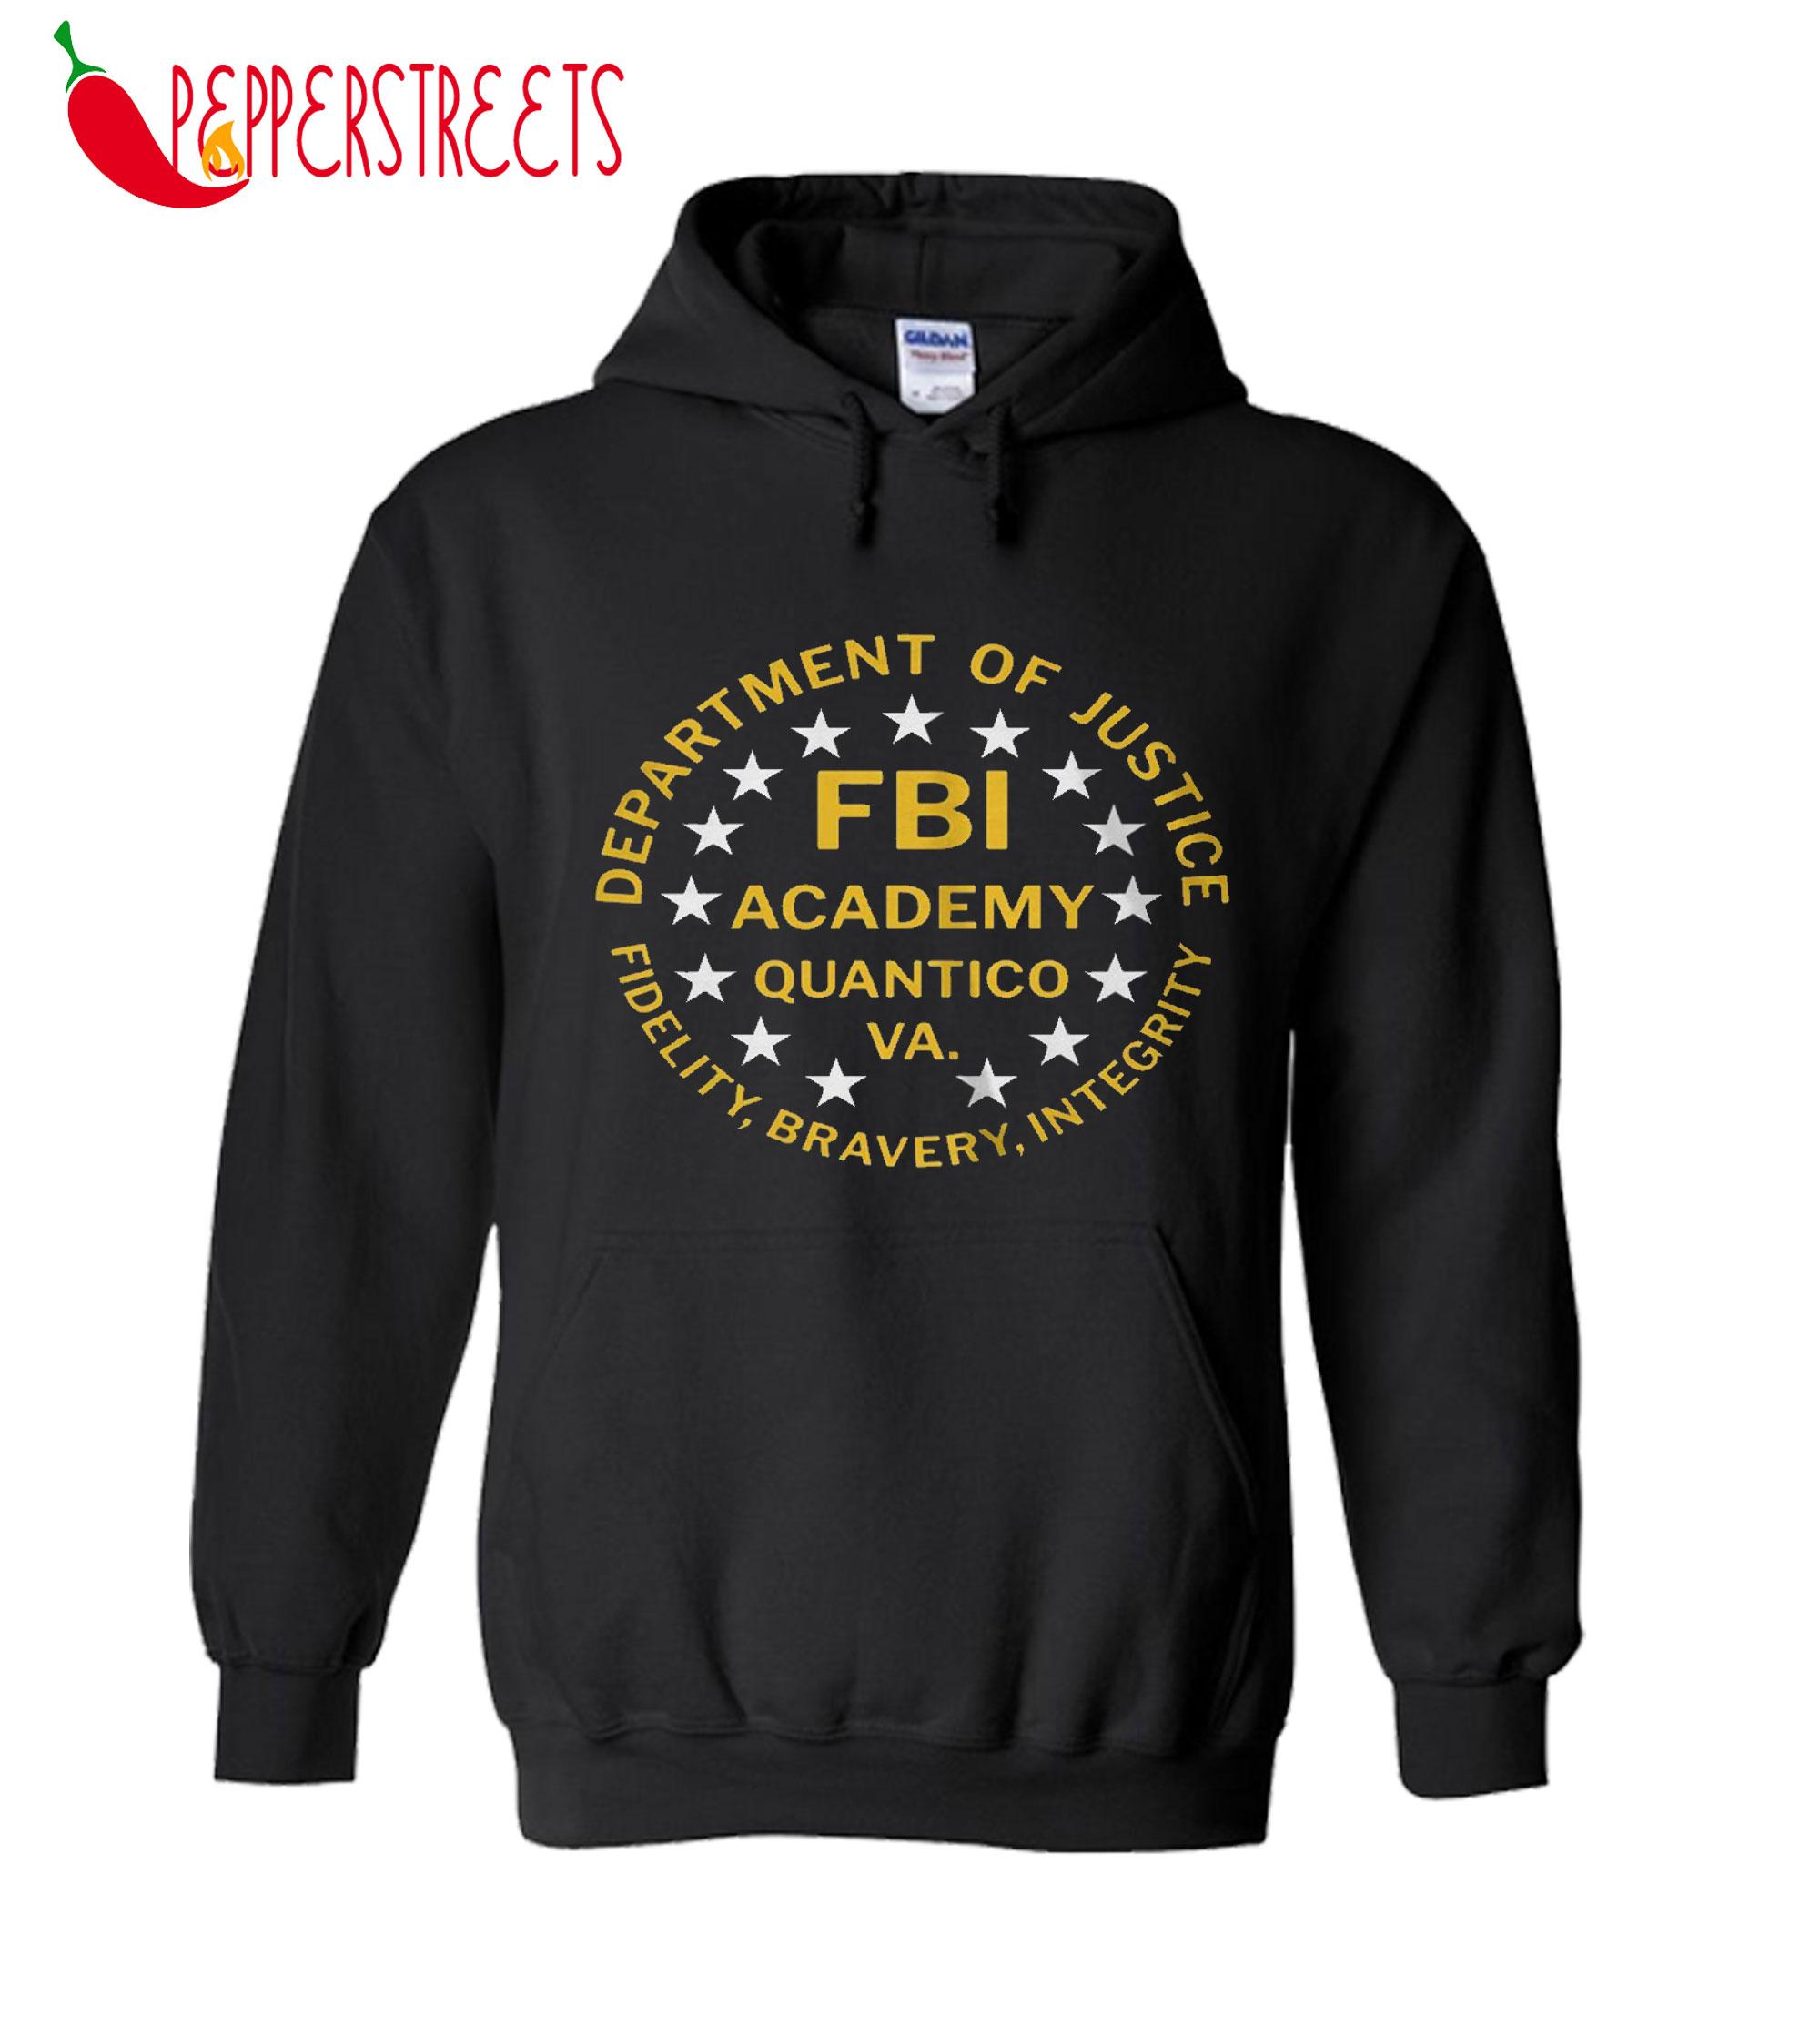 Fbi Academy Quantico Va Department Of Justice Hoodie